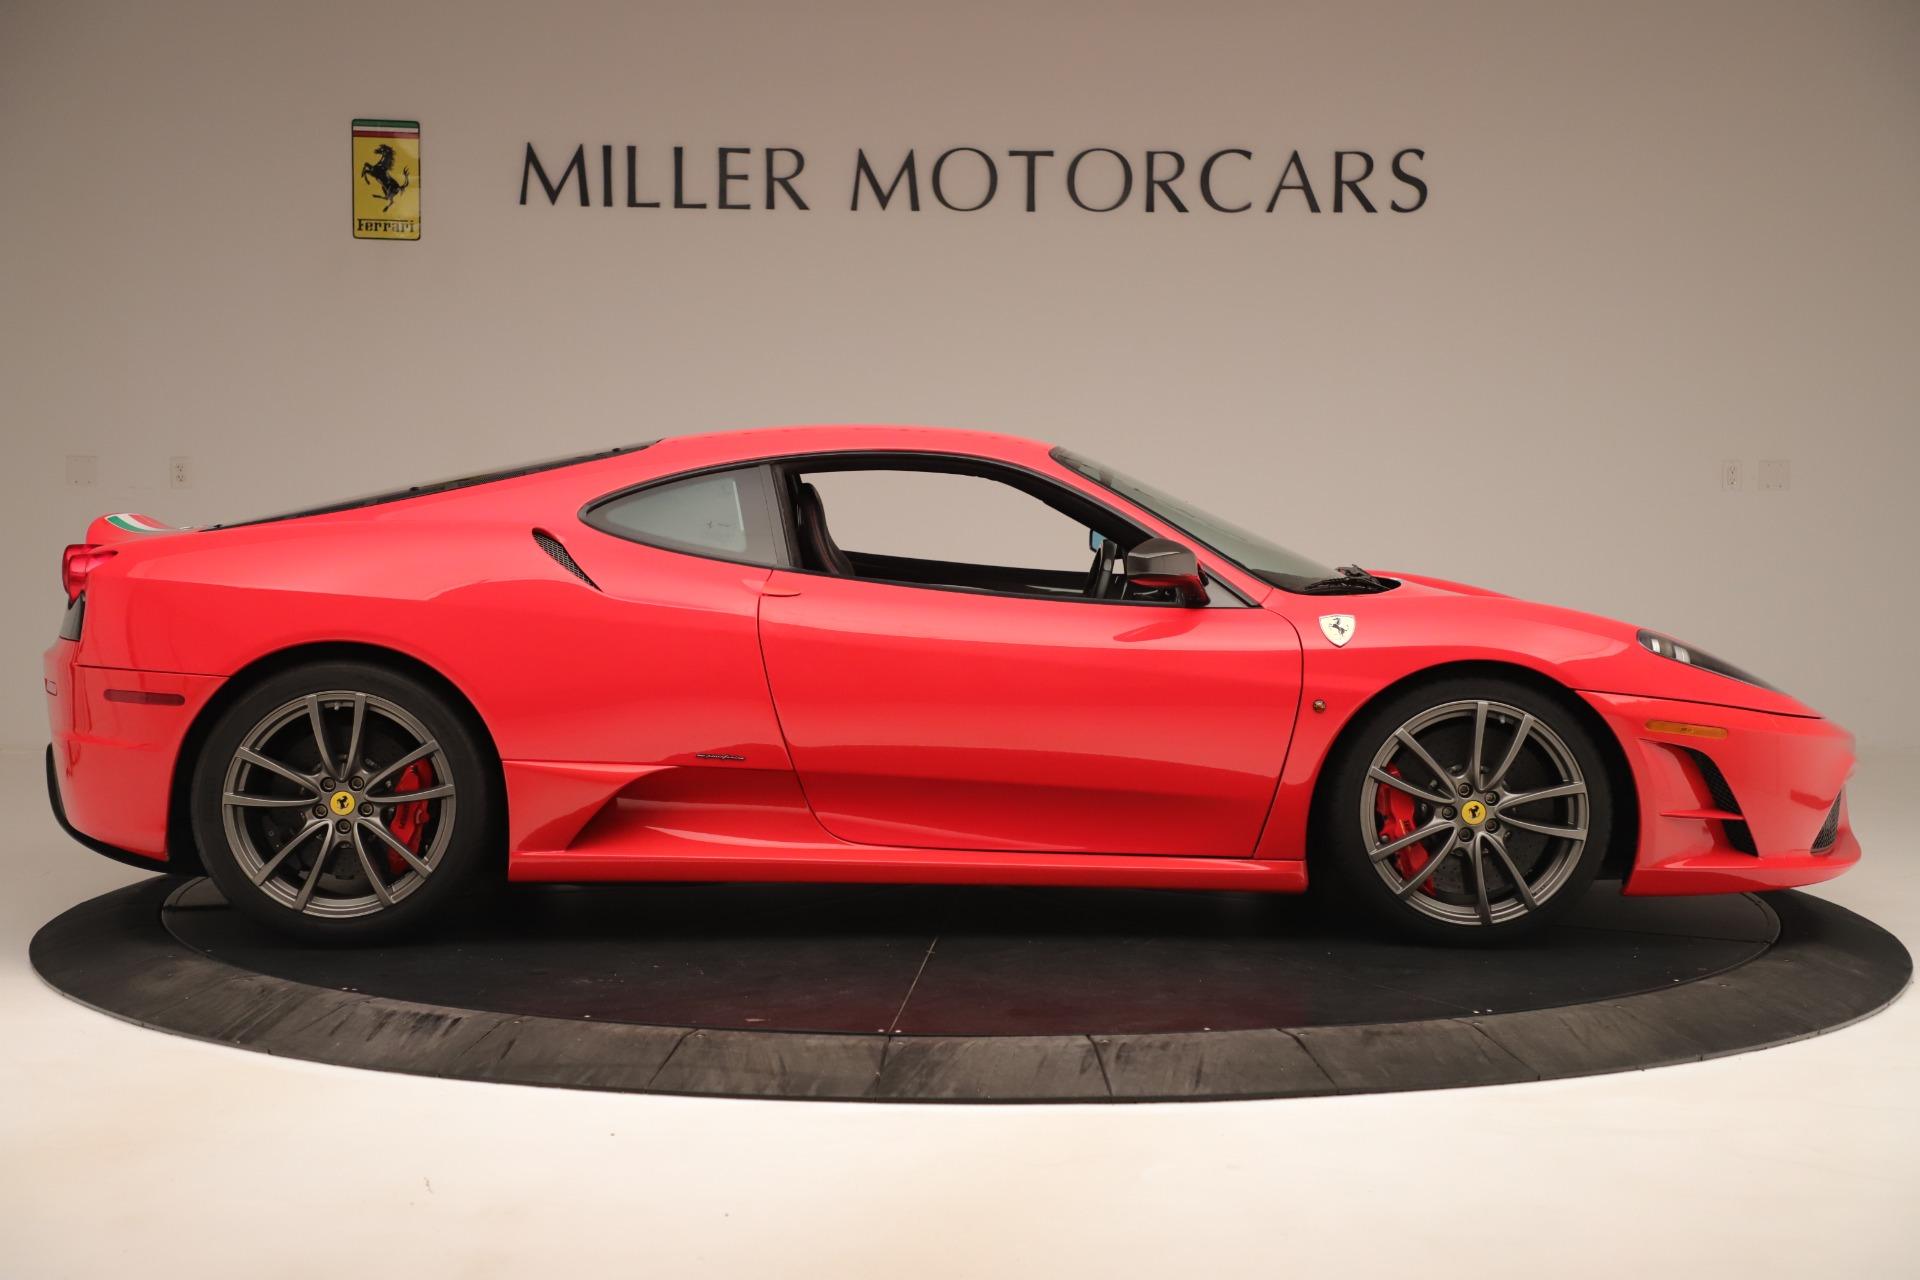 Used 2008 Ferrari F430 Scuderia For Sale In Greenwich, CT 3381_p9